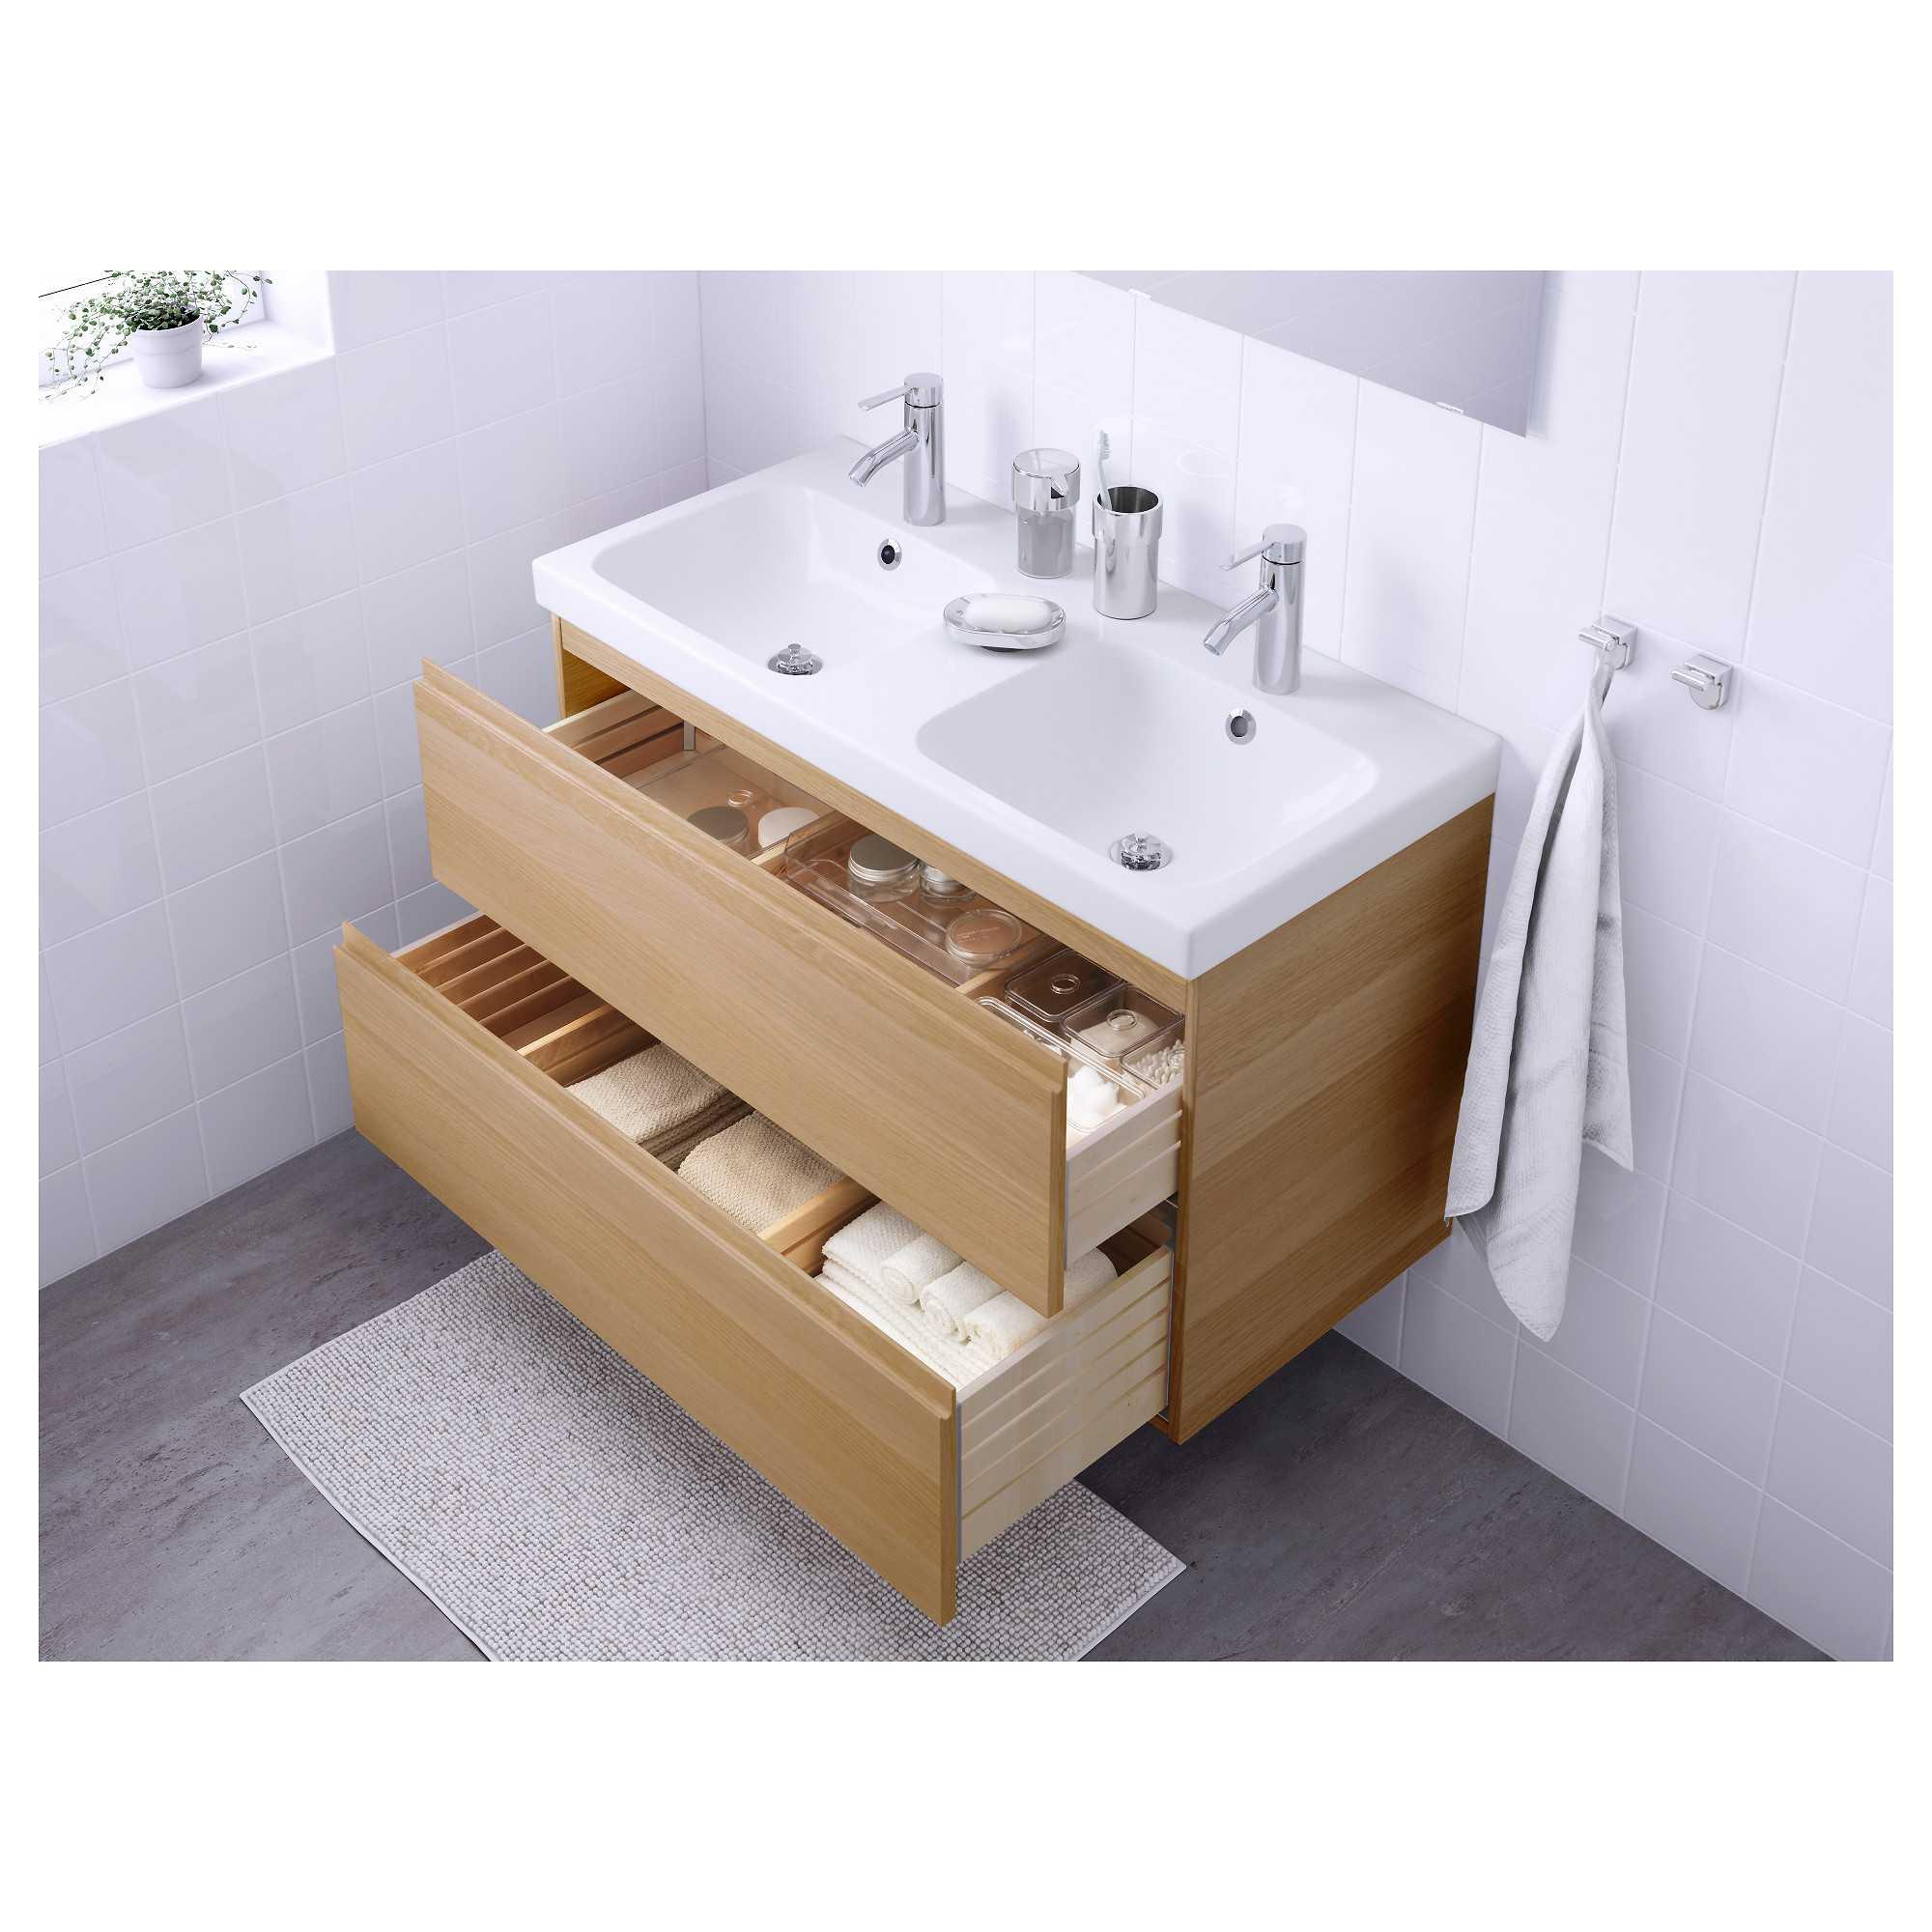 Vasque à Poser Ikea Luxe Galerie Meuble Pour Vasque 32 Dsc 0350